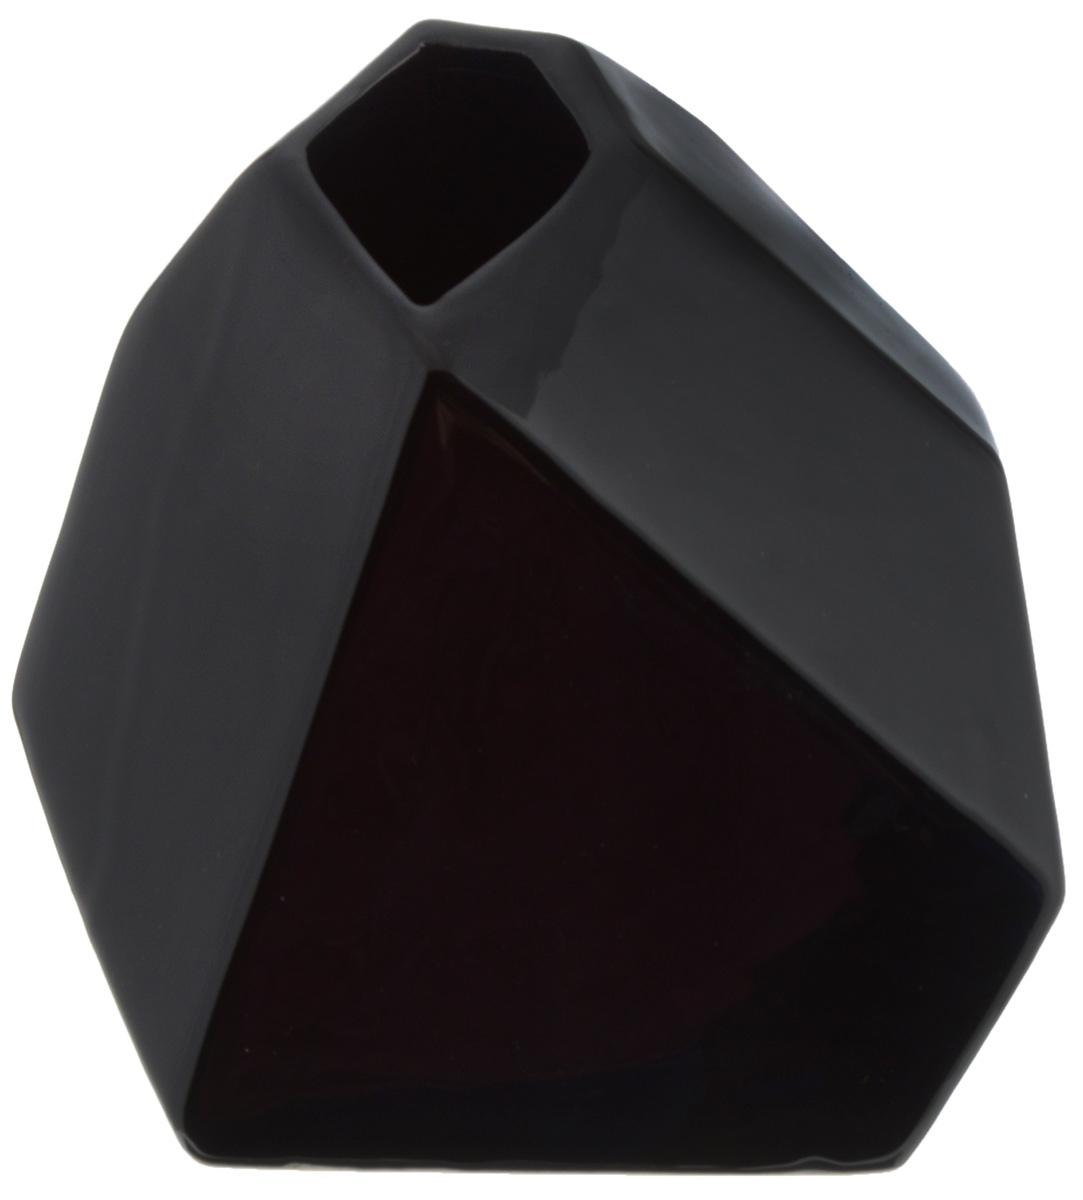 Ваза House & Holder, высота 15,5 смYDY16114Экстравагантная ваза House & Holder, изготовленная из керамики, выполнена в ассиметричной форме. Такое оформление делает ее изящным украшением интерьера.Ваза House & Holder дополнит интерьер офиса или дома и станет желанным и стильным подарком.Размер вазы: 14 х 15 х 15,5 см.